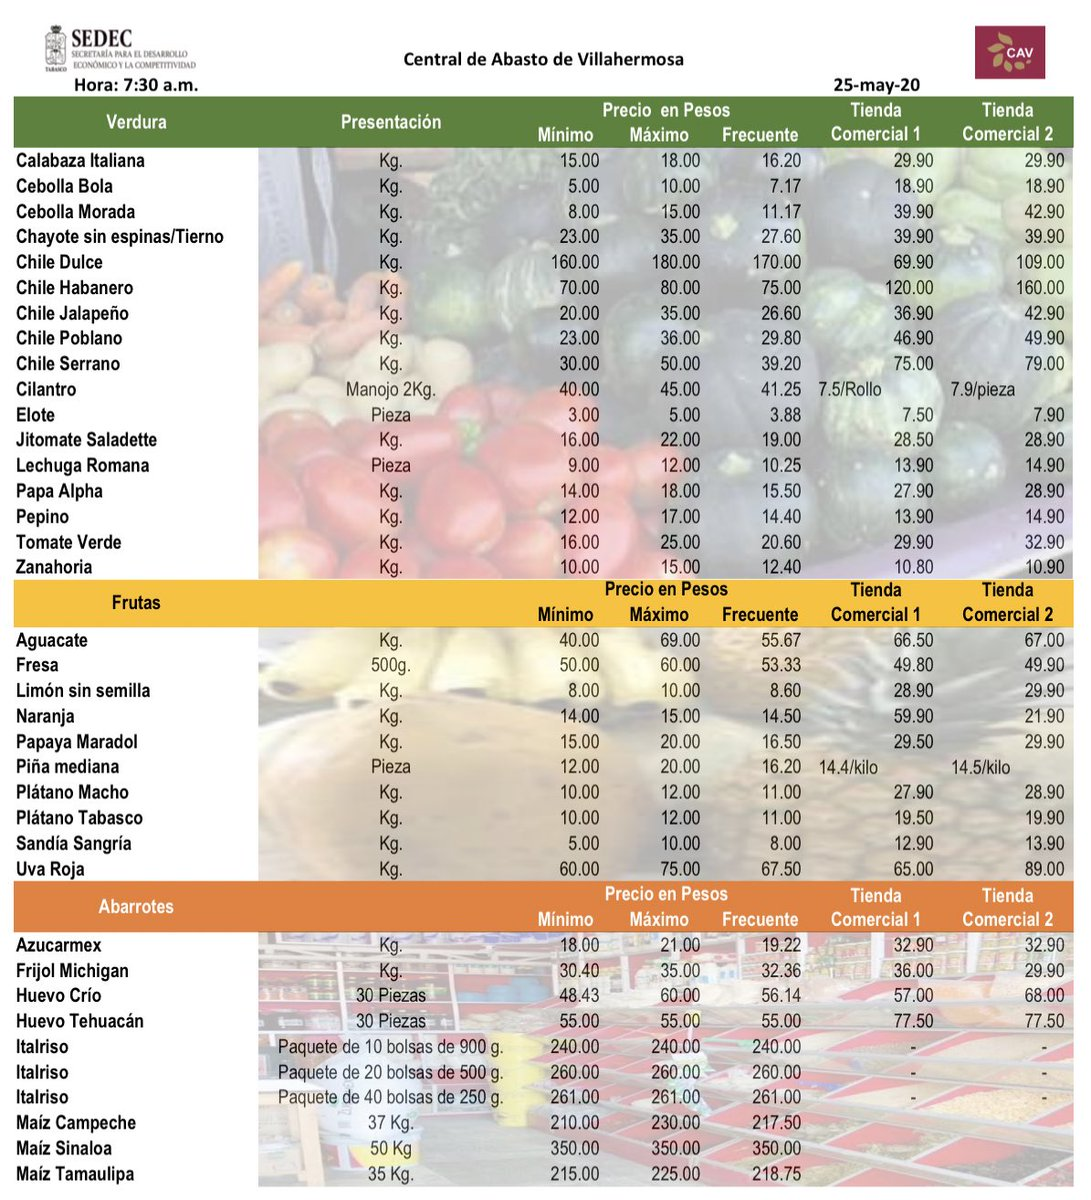 Te mostramos el comparativo de precios. #BuenosDiasATodos #FelizLunes #FelizInicioDeSemana #Bueniniciodesemana #cav #QuedateEnCasa https://t.co/0Nt1P0vBDY